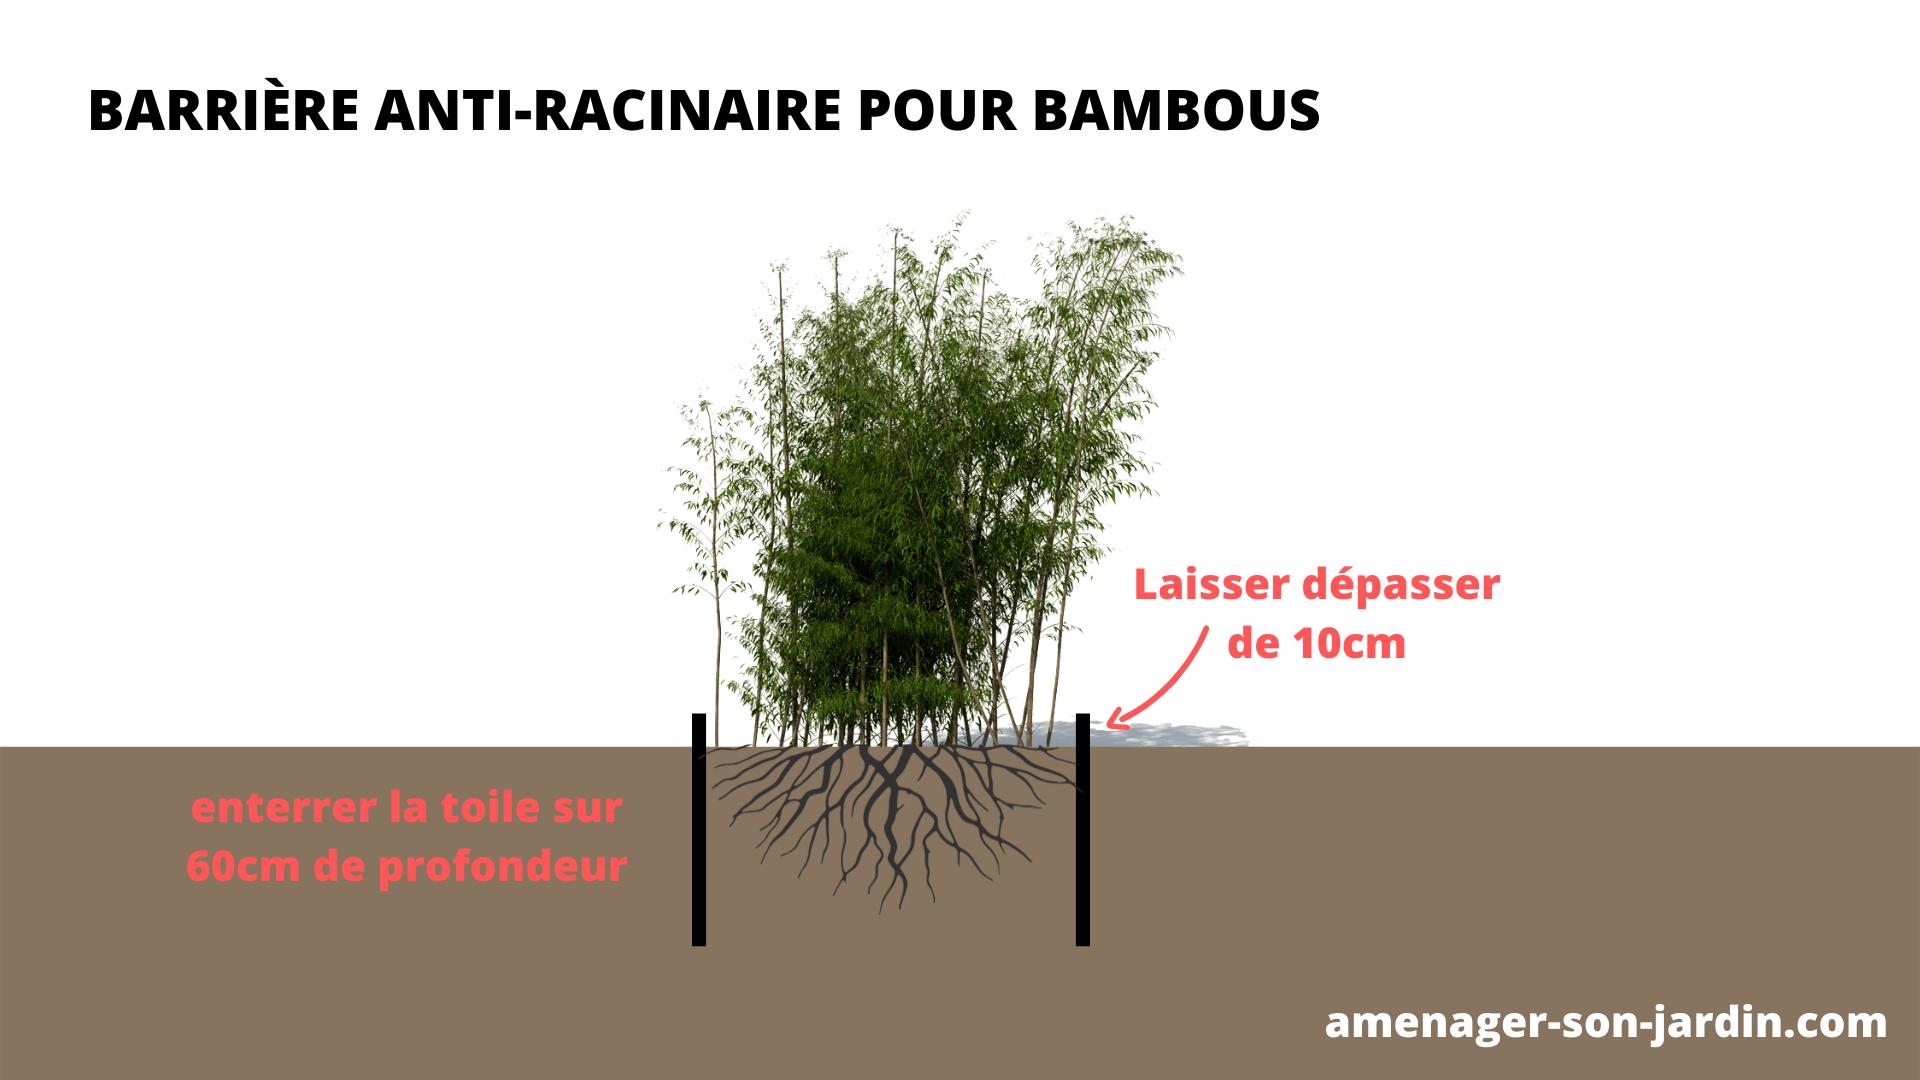 schéma barrière anti racine pour bambous